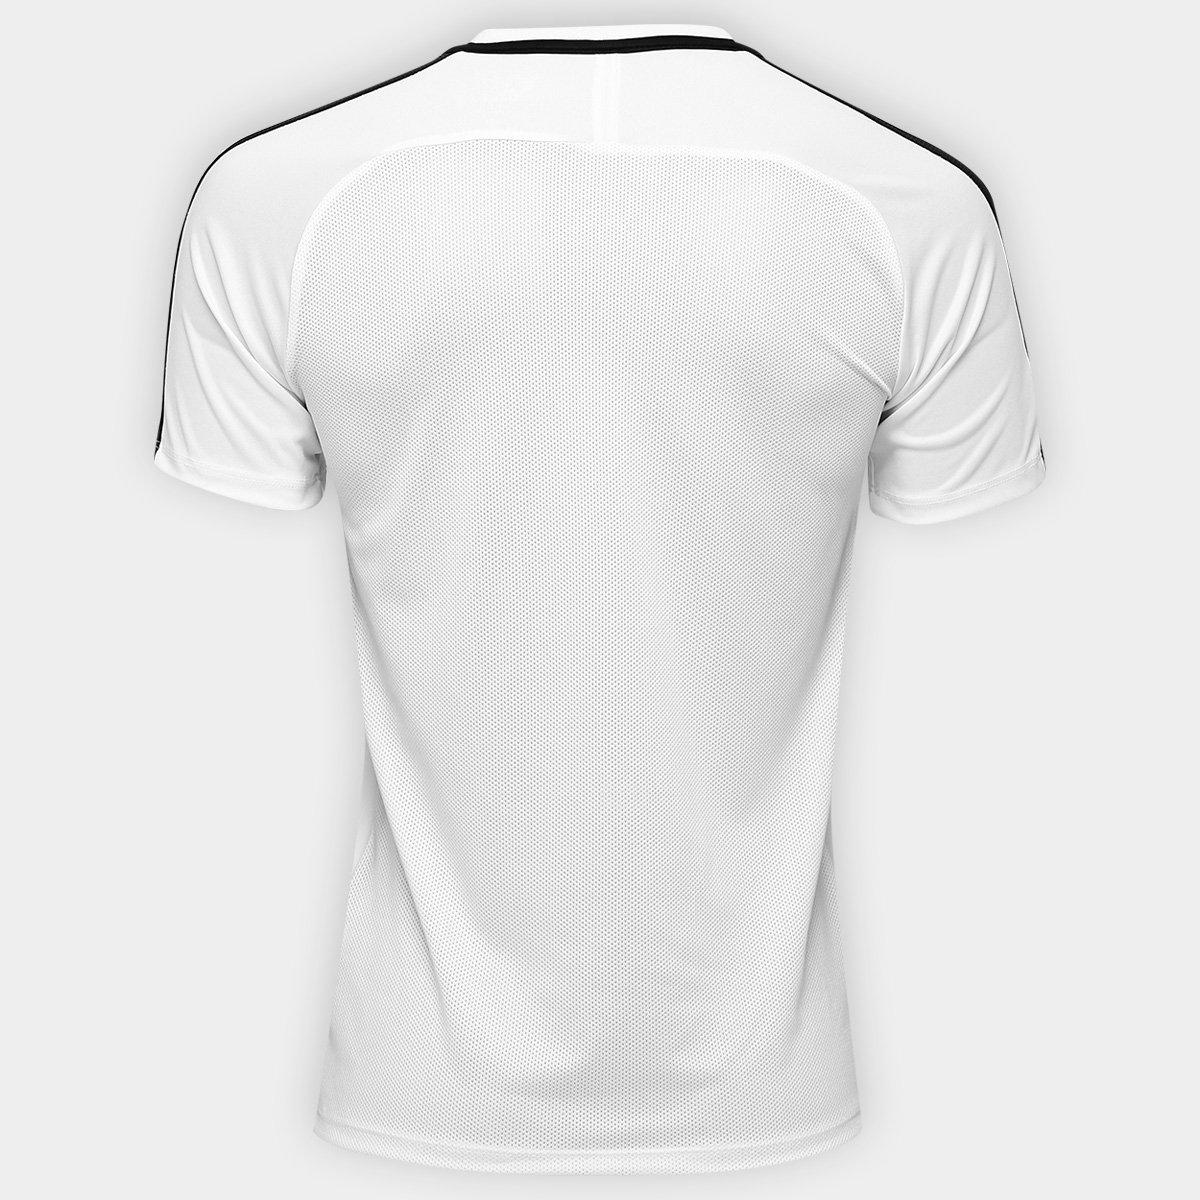 b15ef34b22 Camisa Nike Academy Masculina - Branco e Preto - Compre Agora